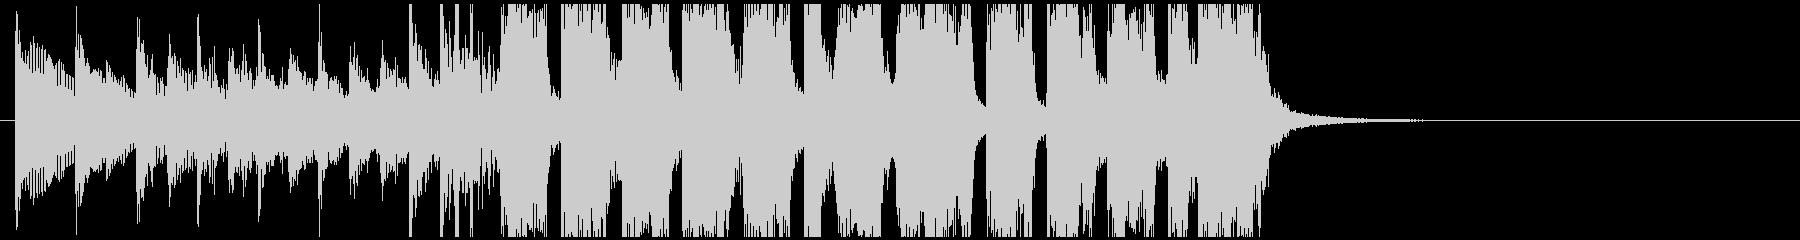 コミカルな感じのスカっぽいジングルの未再生の波形